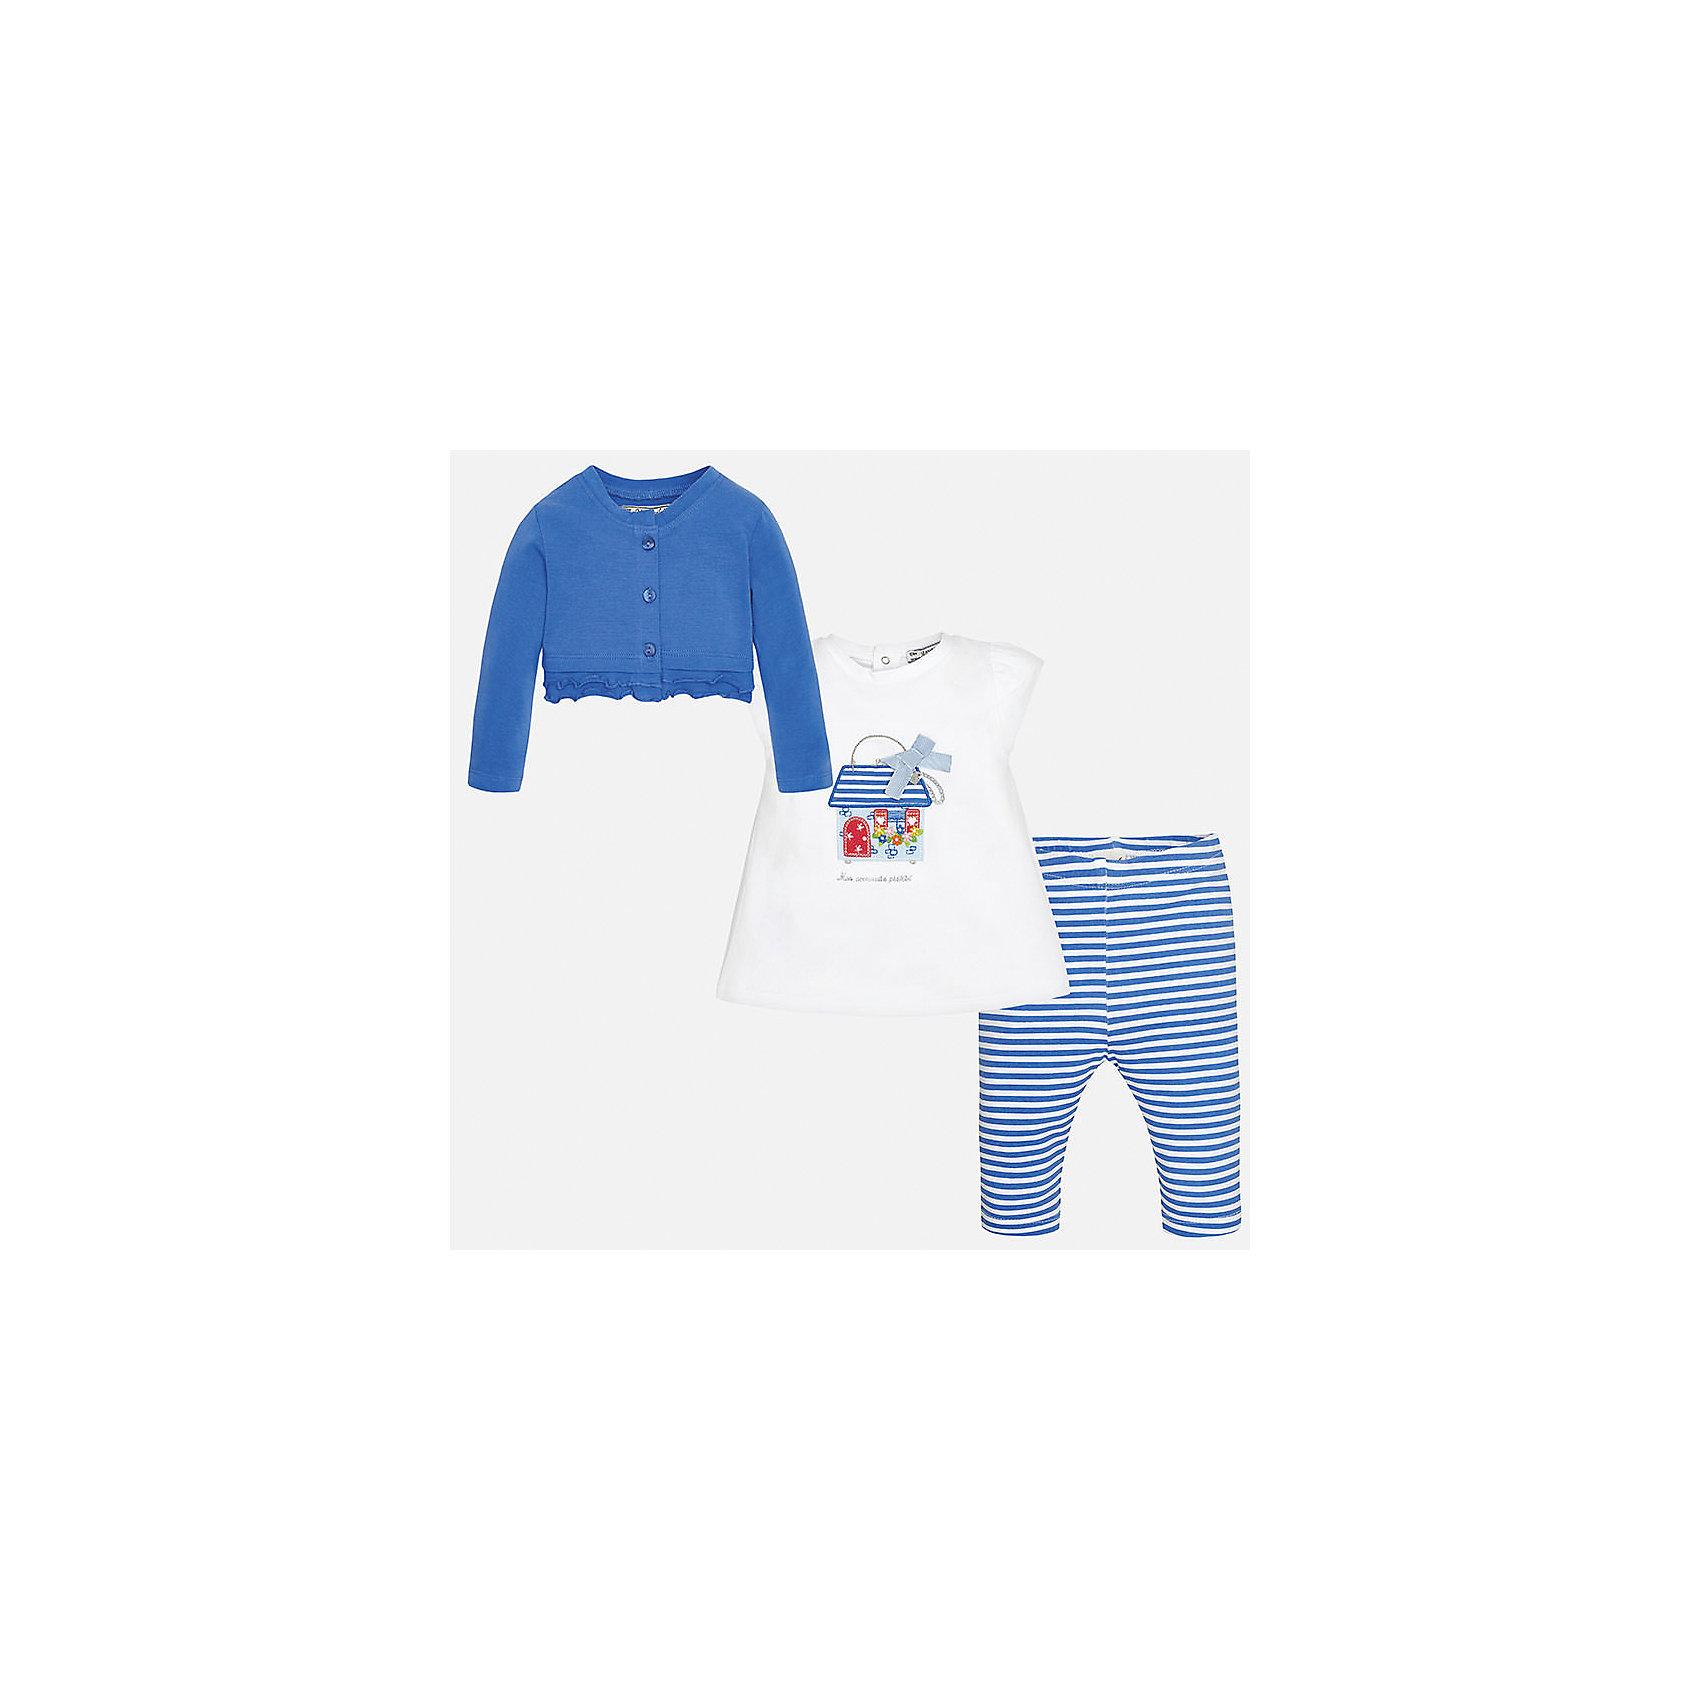 Комплект: футбола с длинным рукавом и леггинсы для девочки MayoralКомплекты<br>Комплект: футбола с длинным рукавом и леггинсы для девочки от известной испанской марки Mayoral.<br><br>Ширина мм: 123<br>Глубина мм: 10<br>Высота мм: 149<br>Вес г: 209<br>Цвет: синий<br>Возраст от месяцев: 12<br>Возраст до месяцев: 18<br>Пол: Женский<br>Возраст: Детский<br>Размер: 86,80,92,74<br>SKU: 5289092